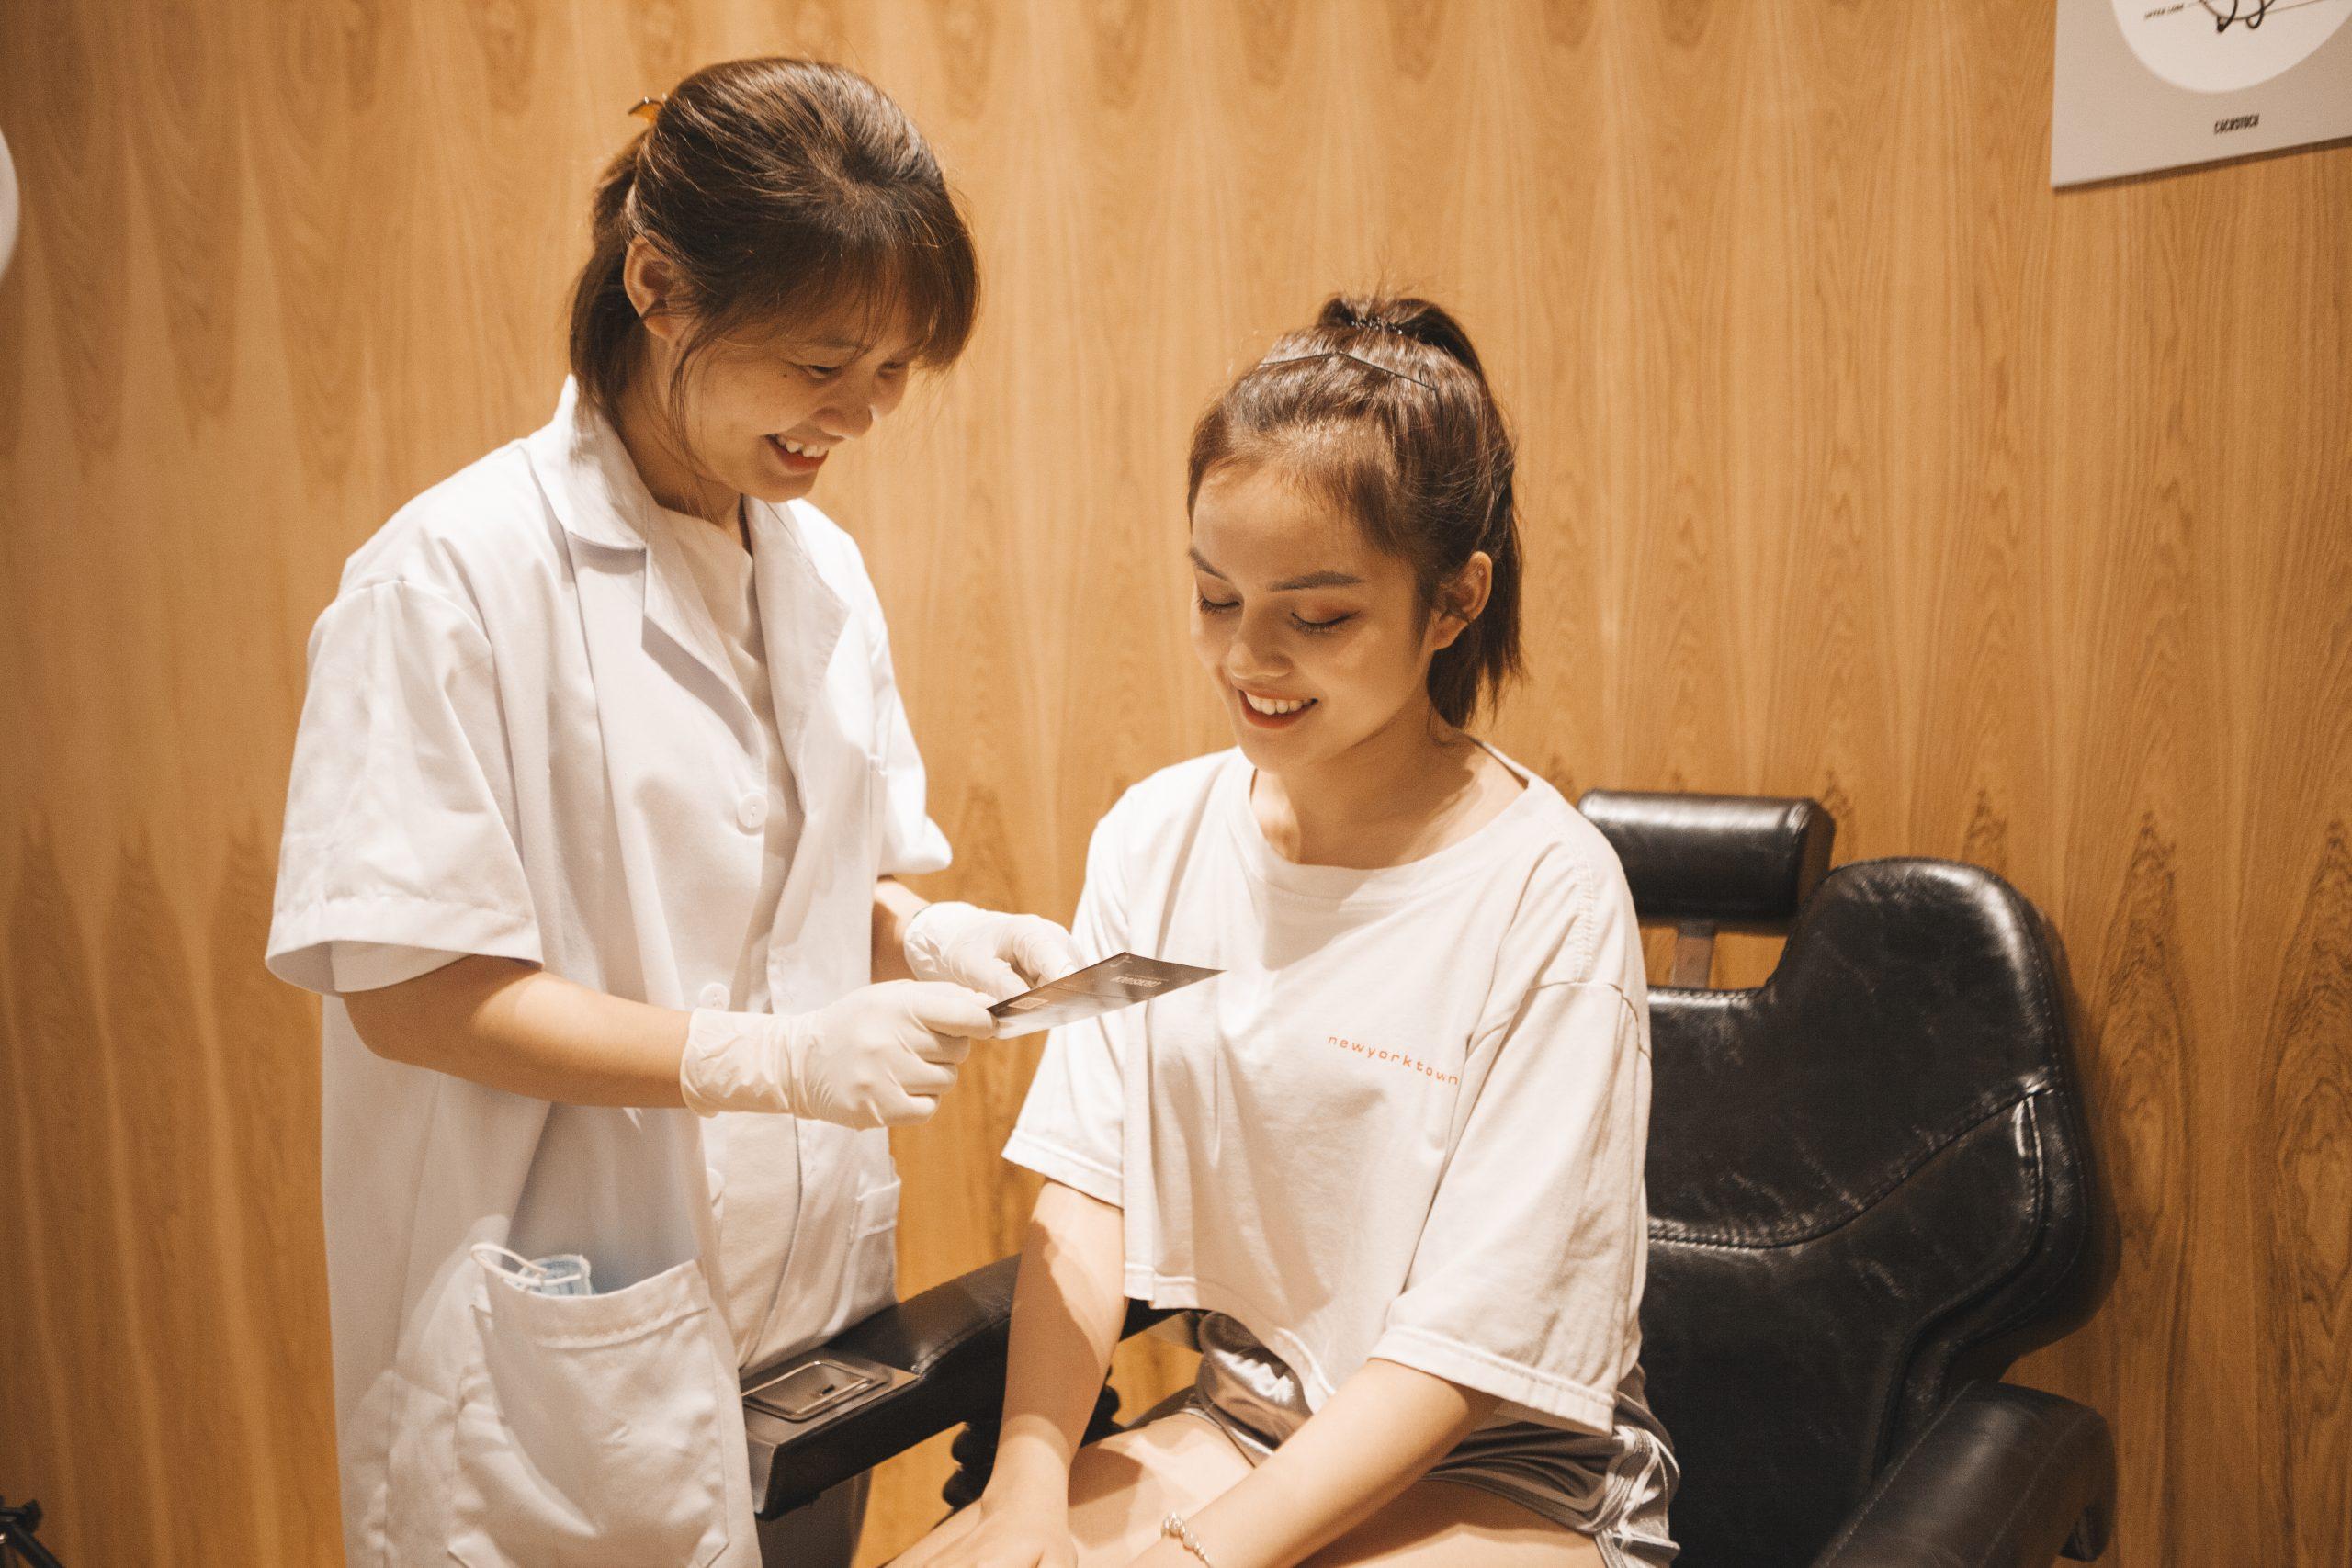 Dịch vụ kiểm tra & chăm sóc lỗ xỏ với y tá chuyên môn chỉ có tại CockStock